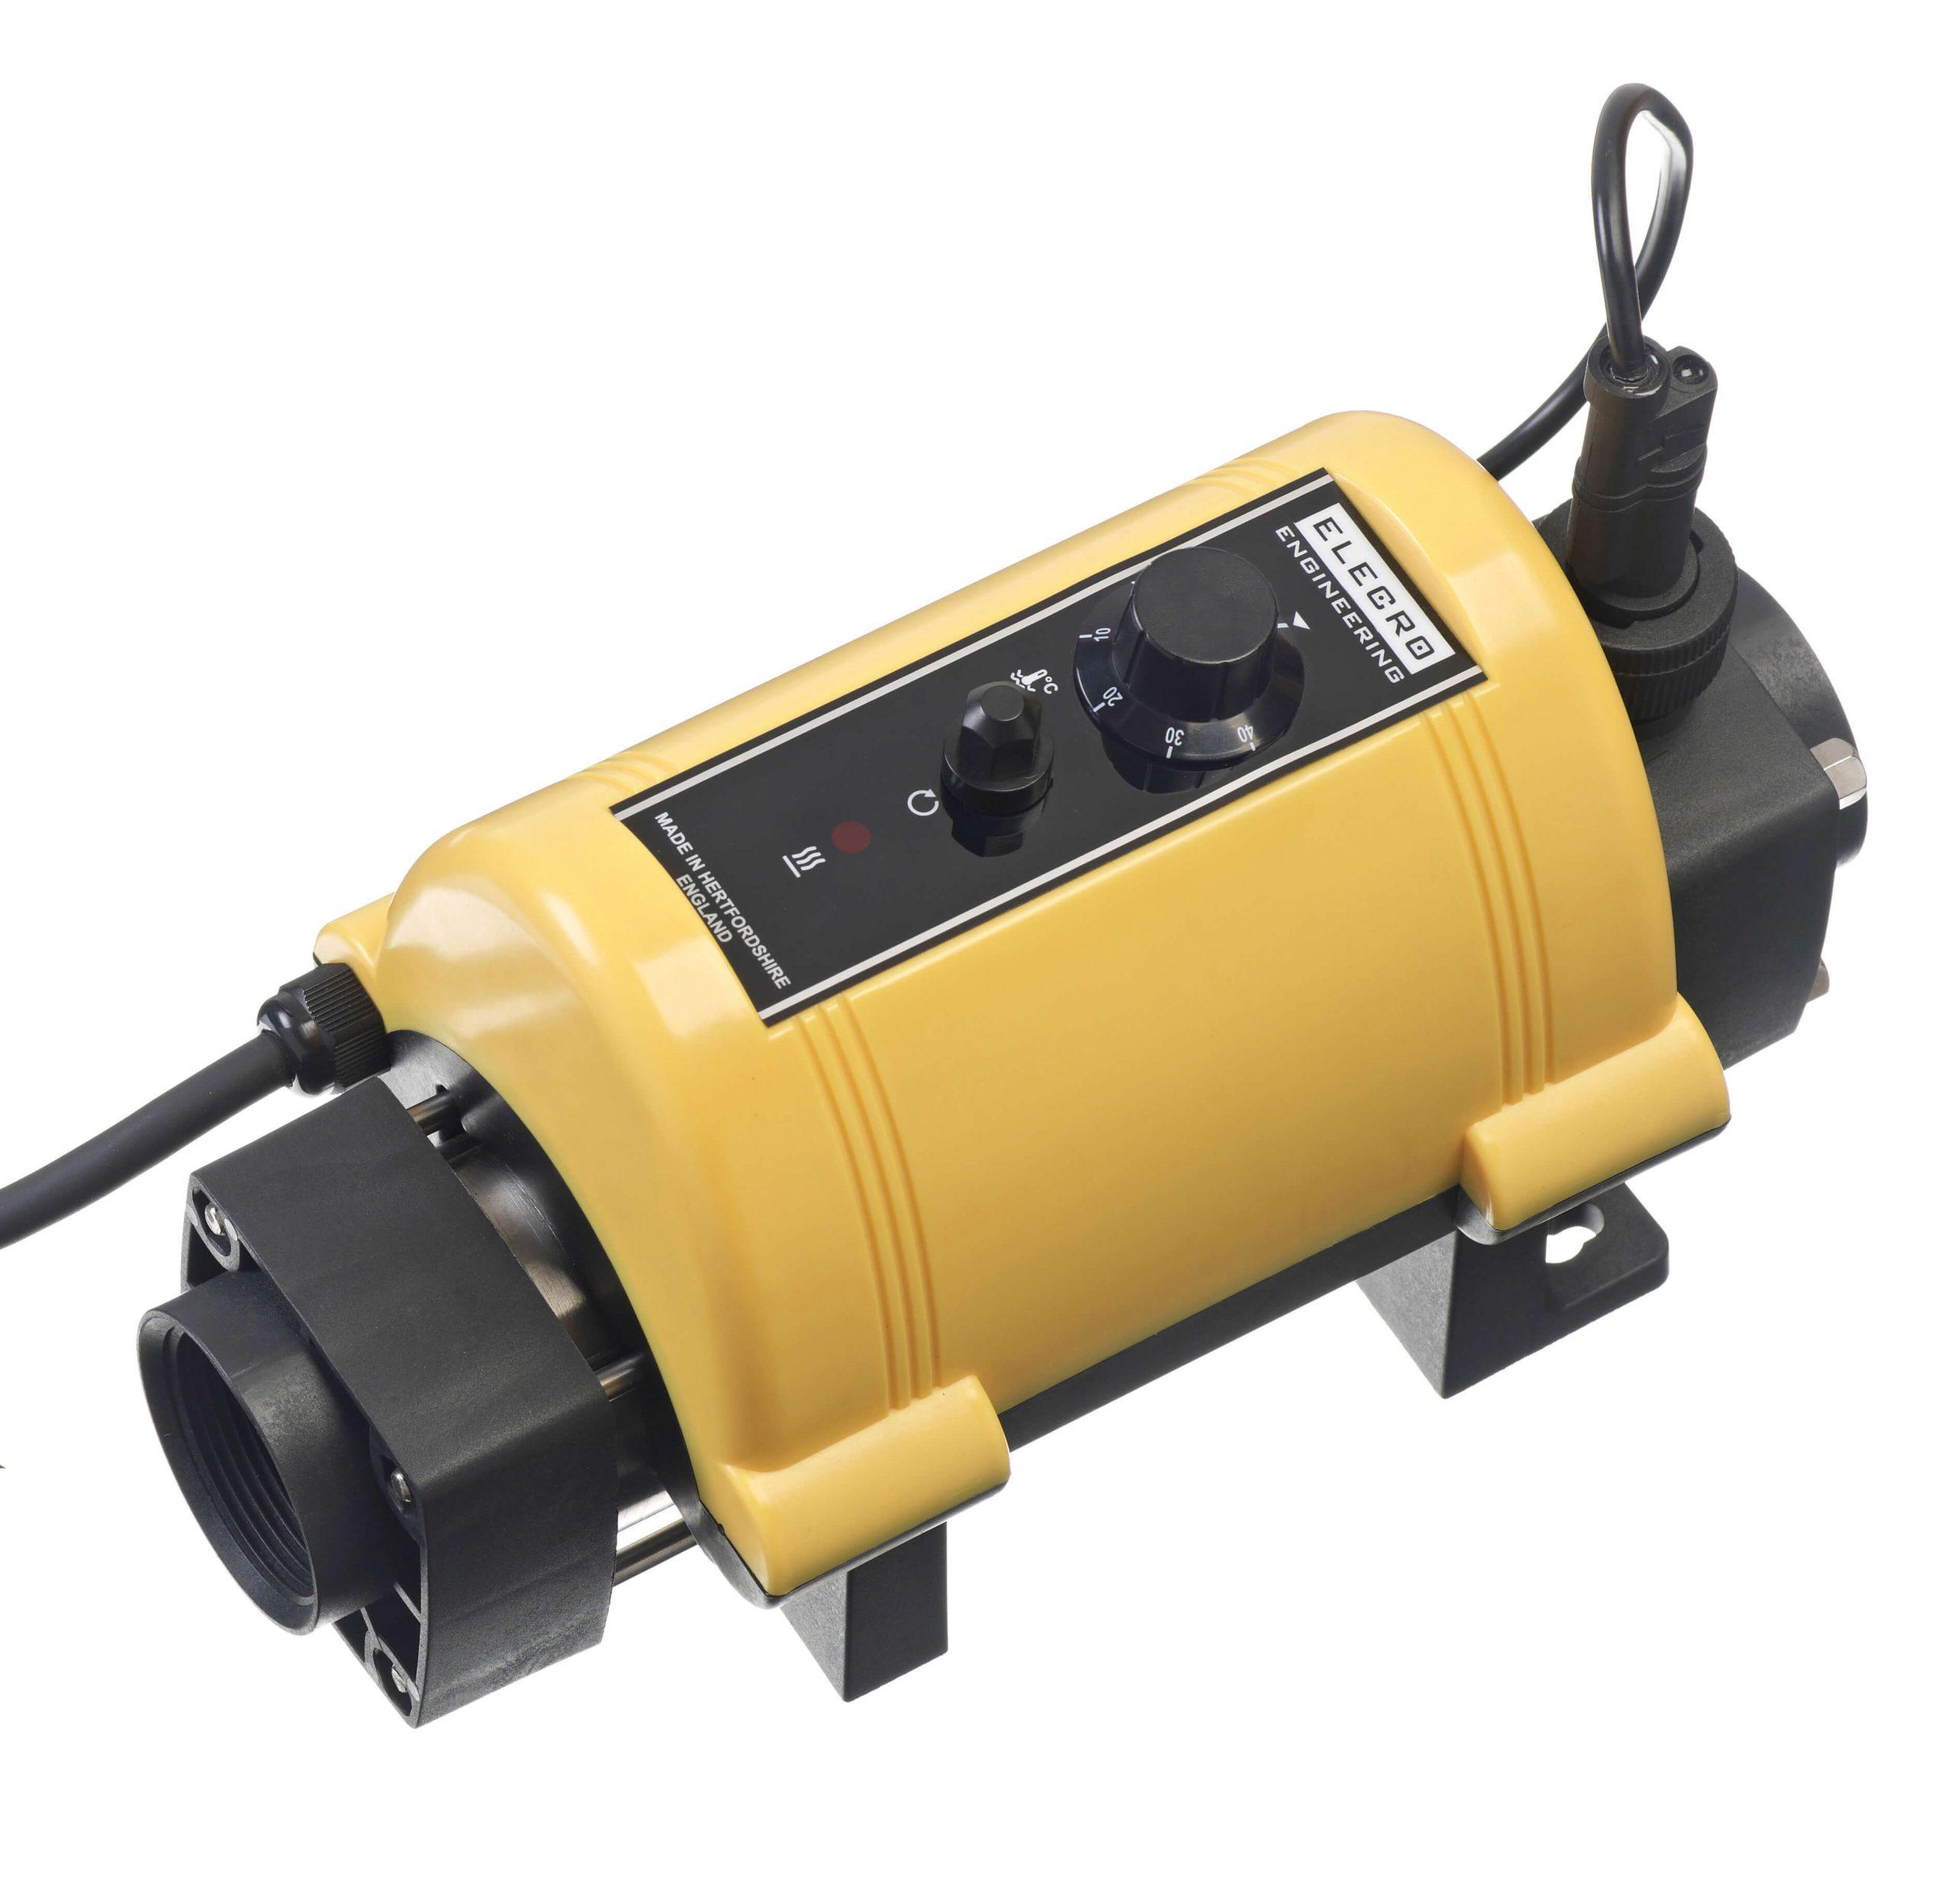 Réchauffeur Électrique Pour Piscine Nano 3Kw intérieur Réchauffeur Piscine